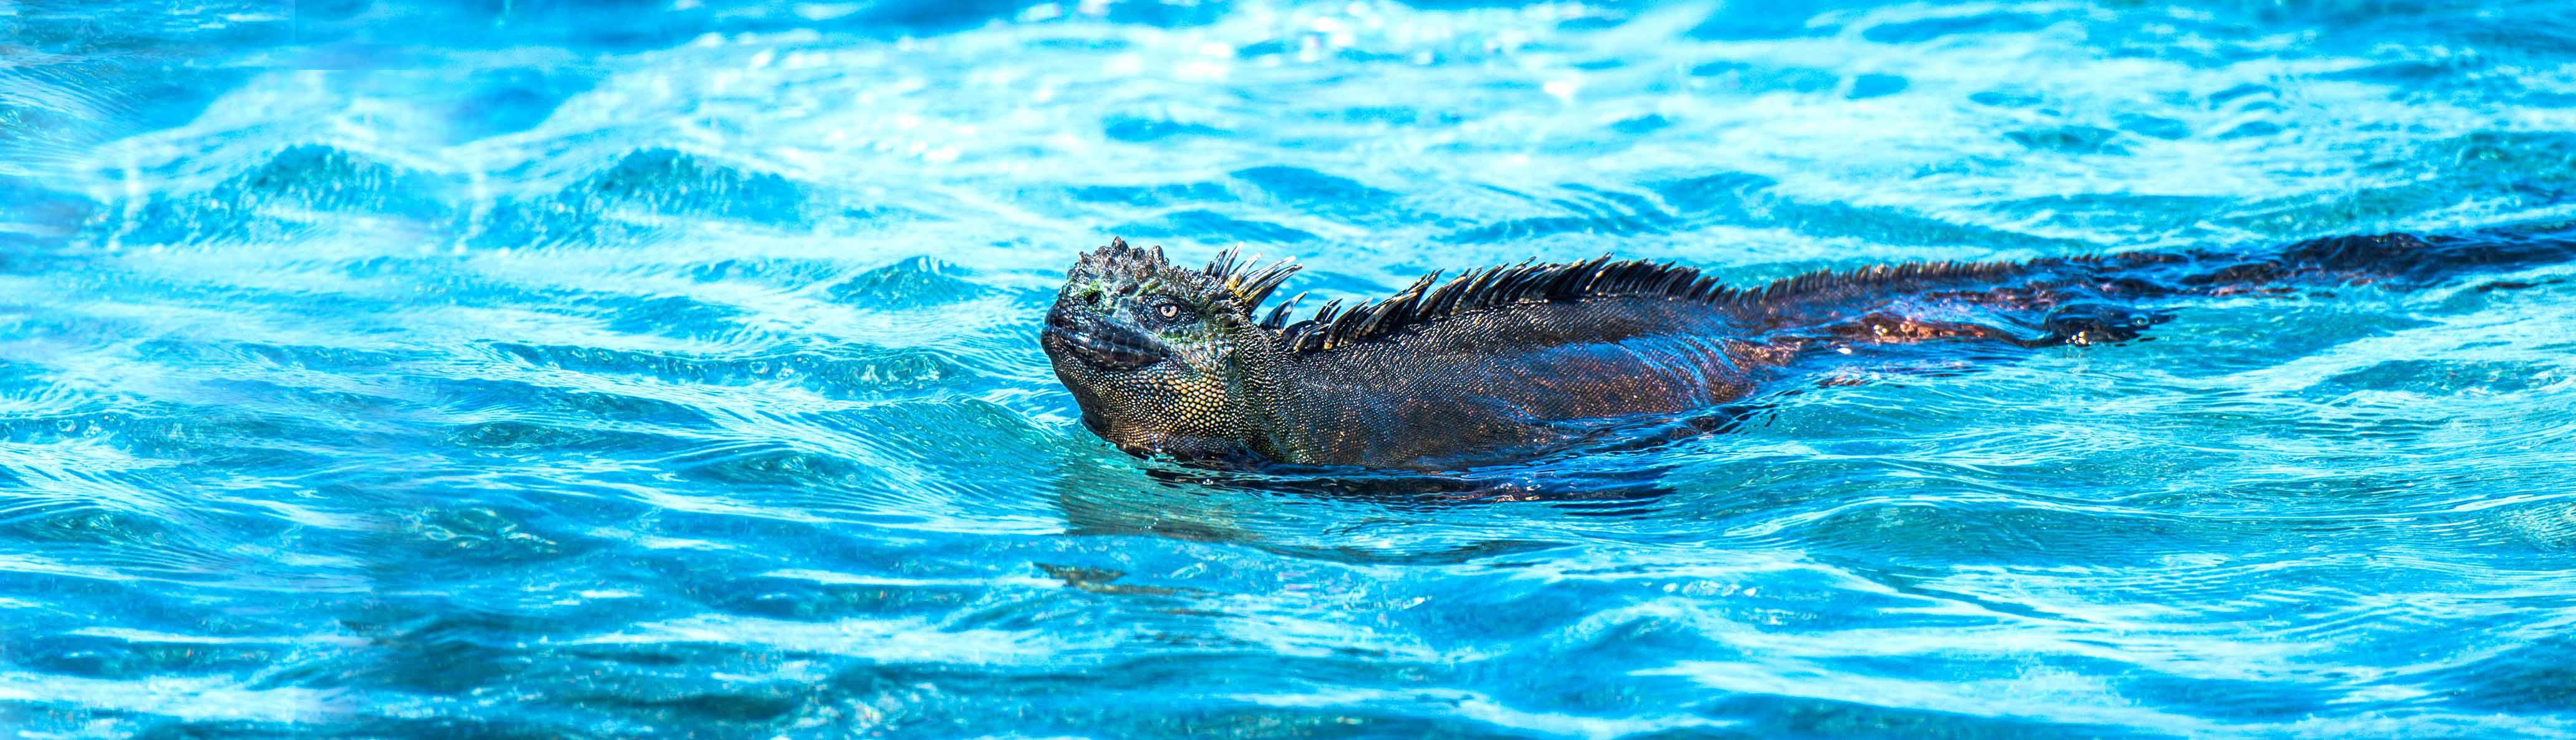 Galapagos Encounter – Southern Islands (Grand Queen Beatriz)